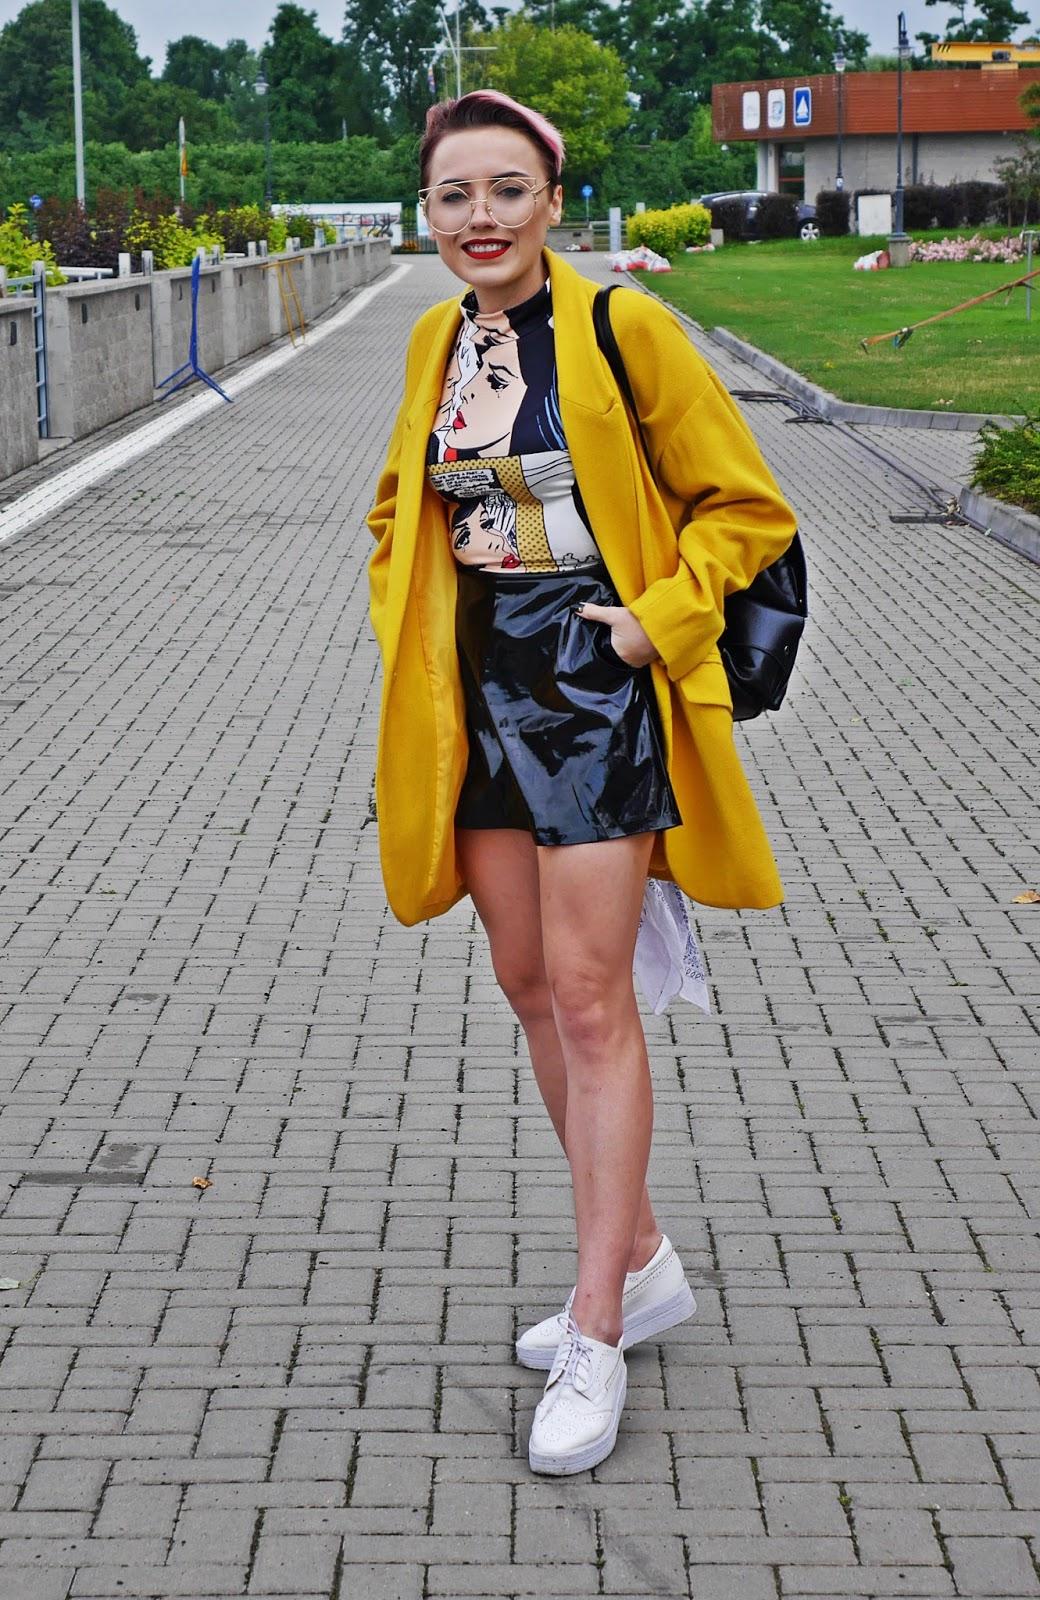 zolty_oversizowy_plaszcz_spodnica_cerata_lakierowana_plecak_platformy_karyn_blog_modowy_060717b